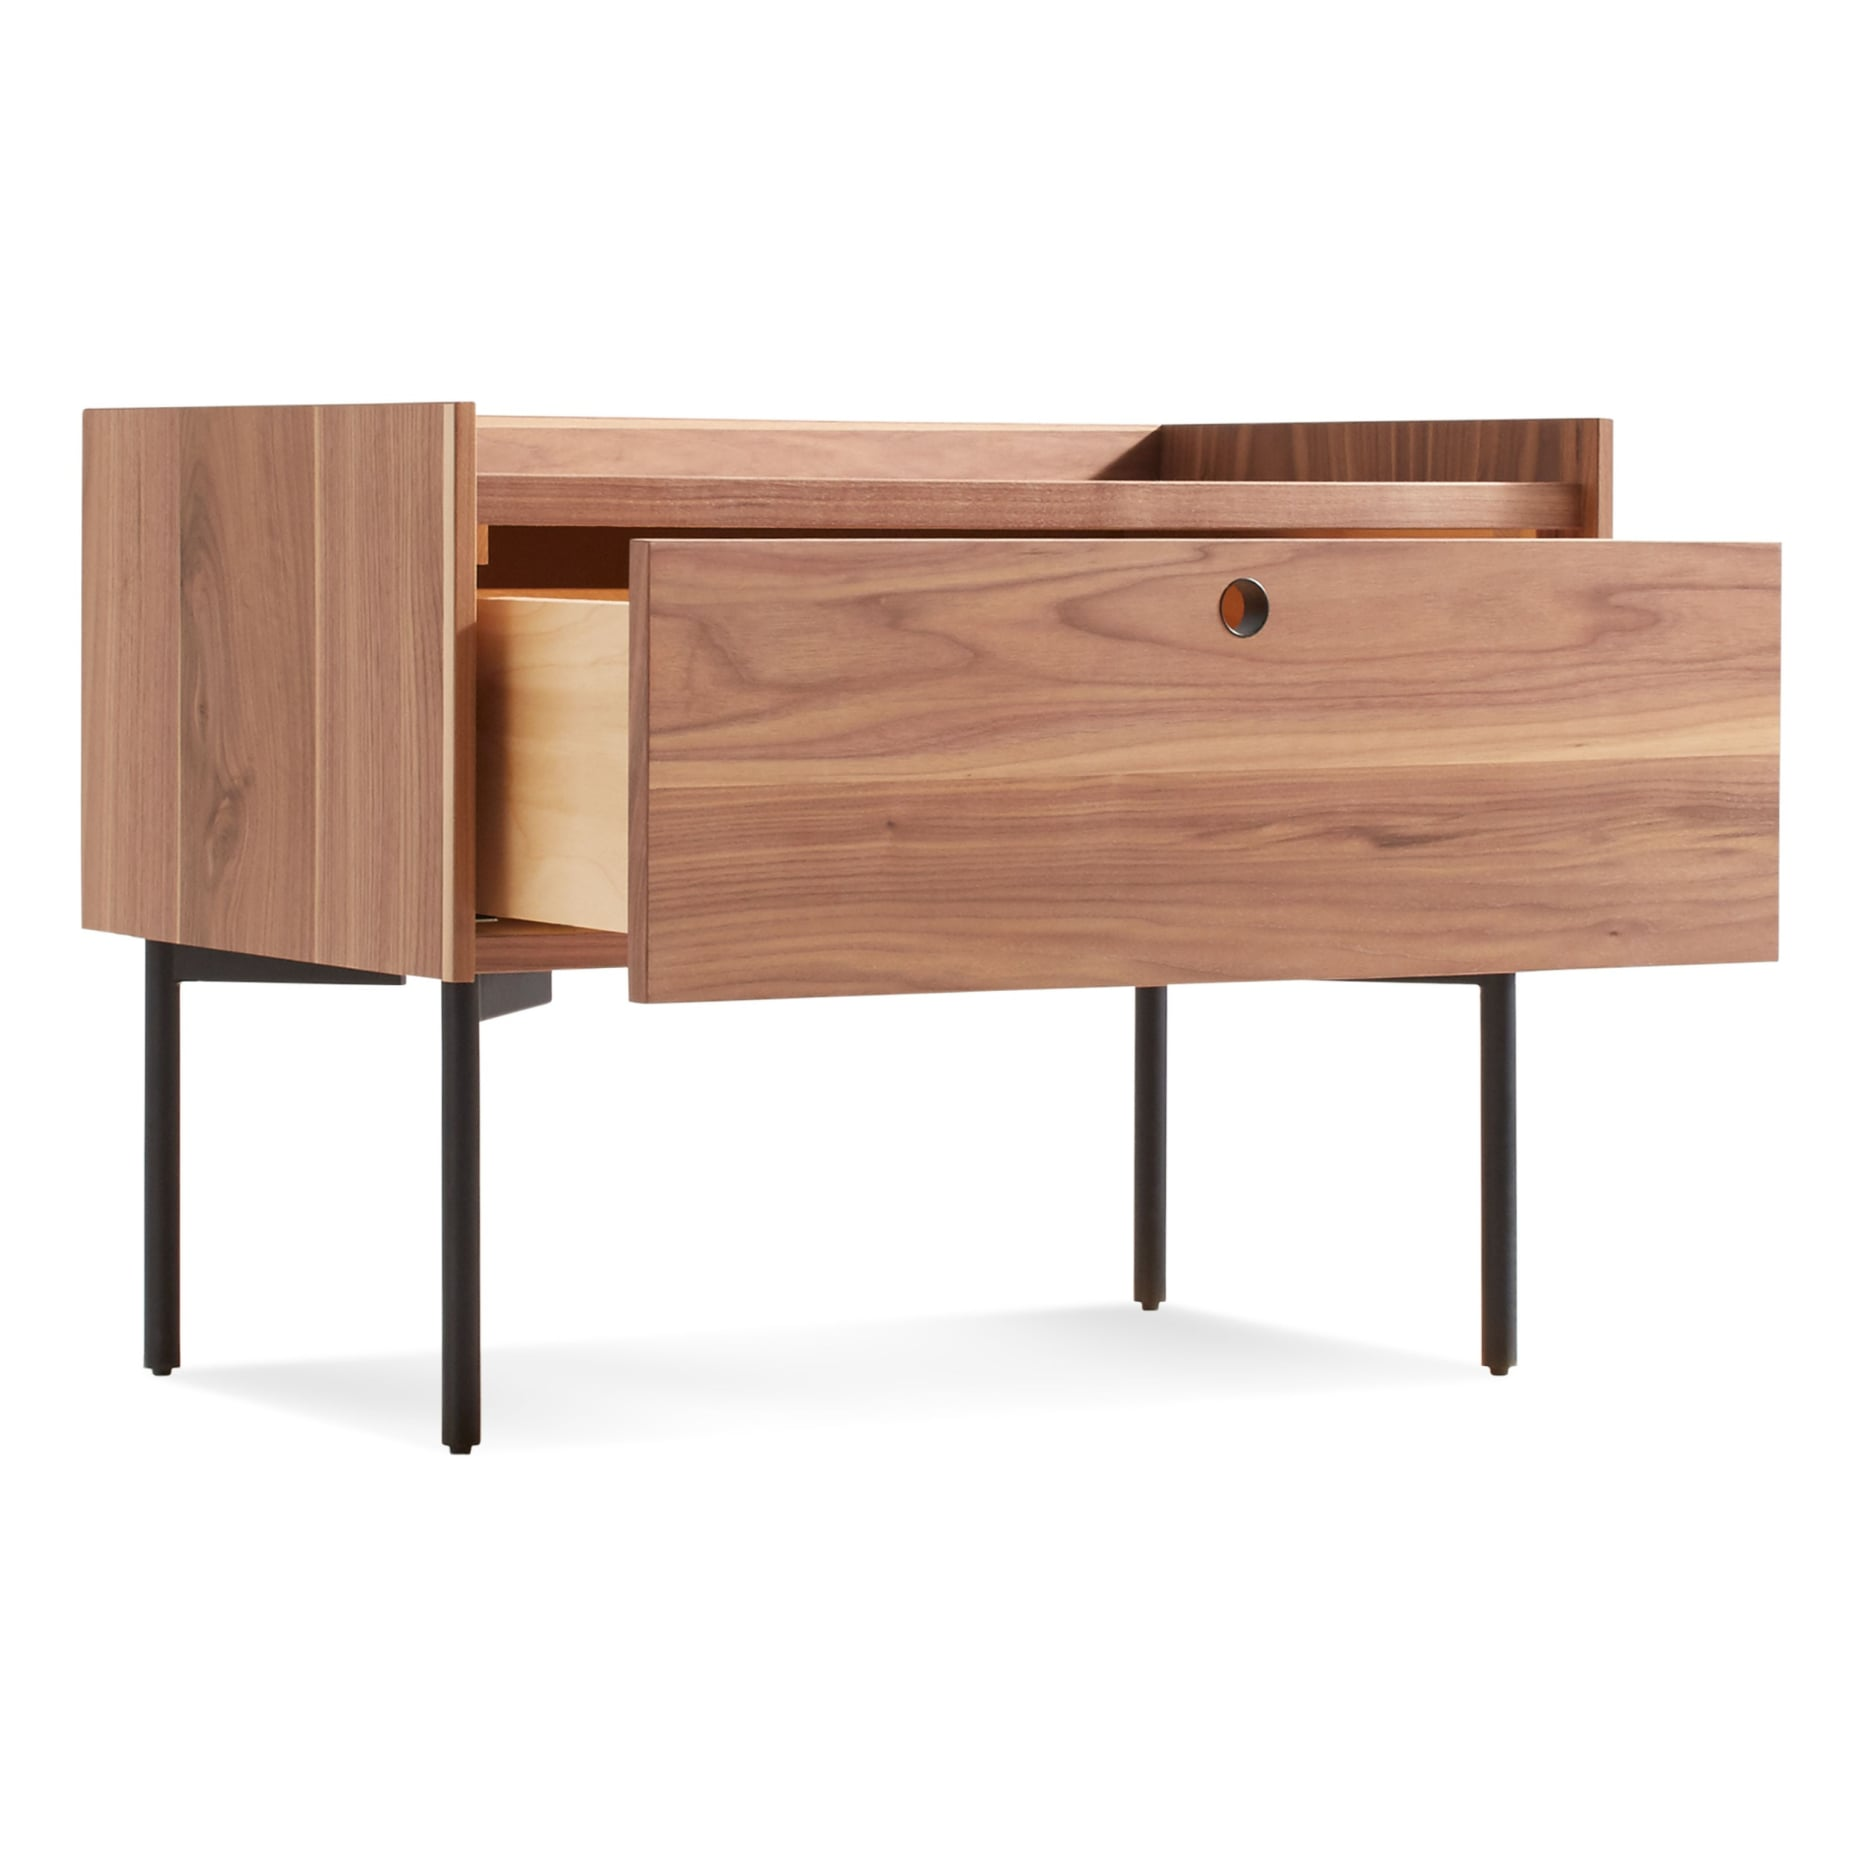 ek1 ntstnd wl 34 open peek nightstand rustic walnut